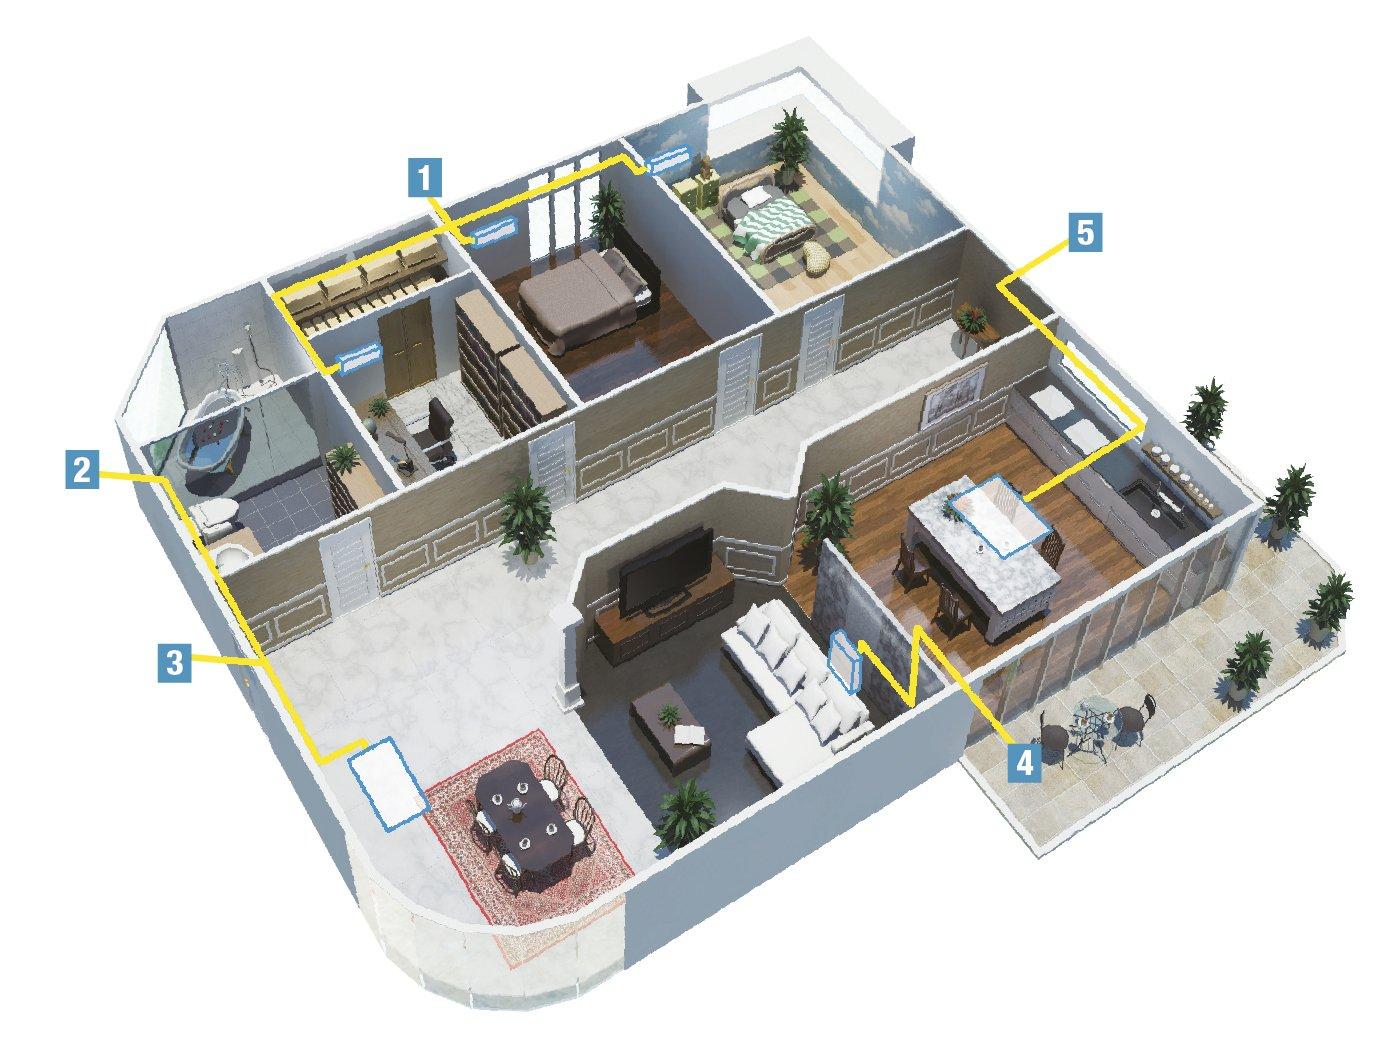 Come Montare Un Condizionatore l'installazione dei climatizzatori - cose di casa